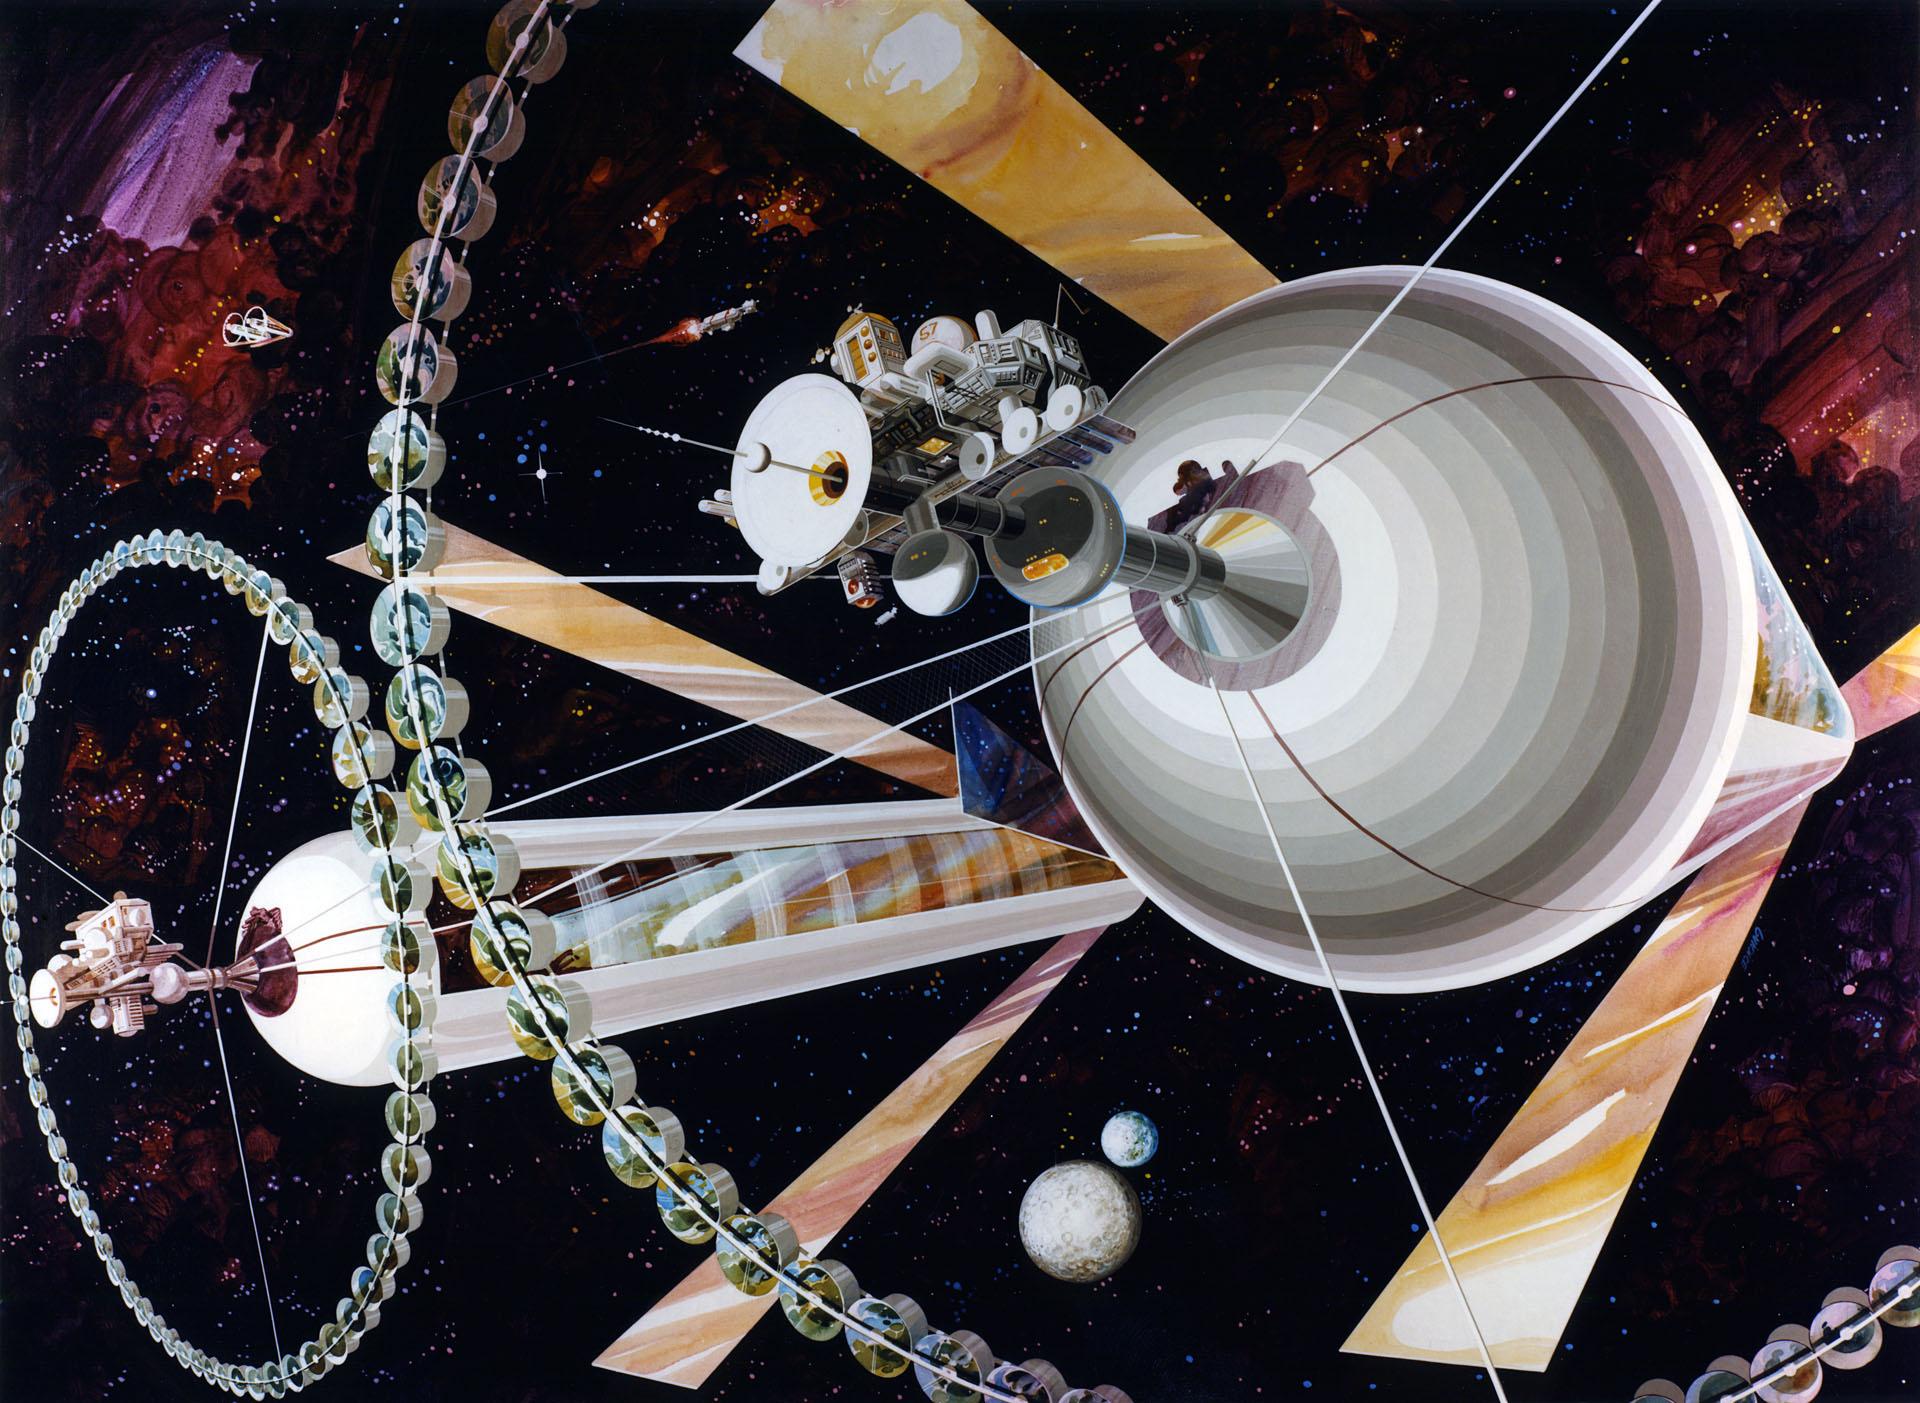 концепт космічна станція